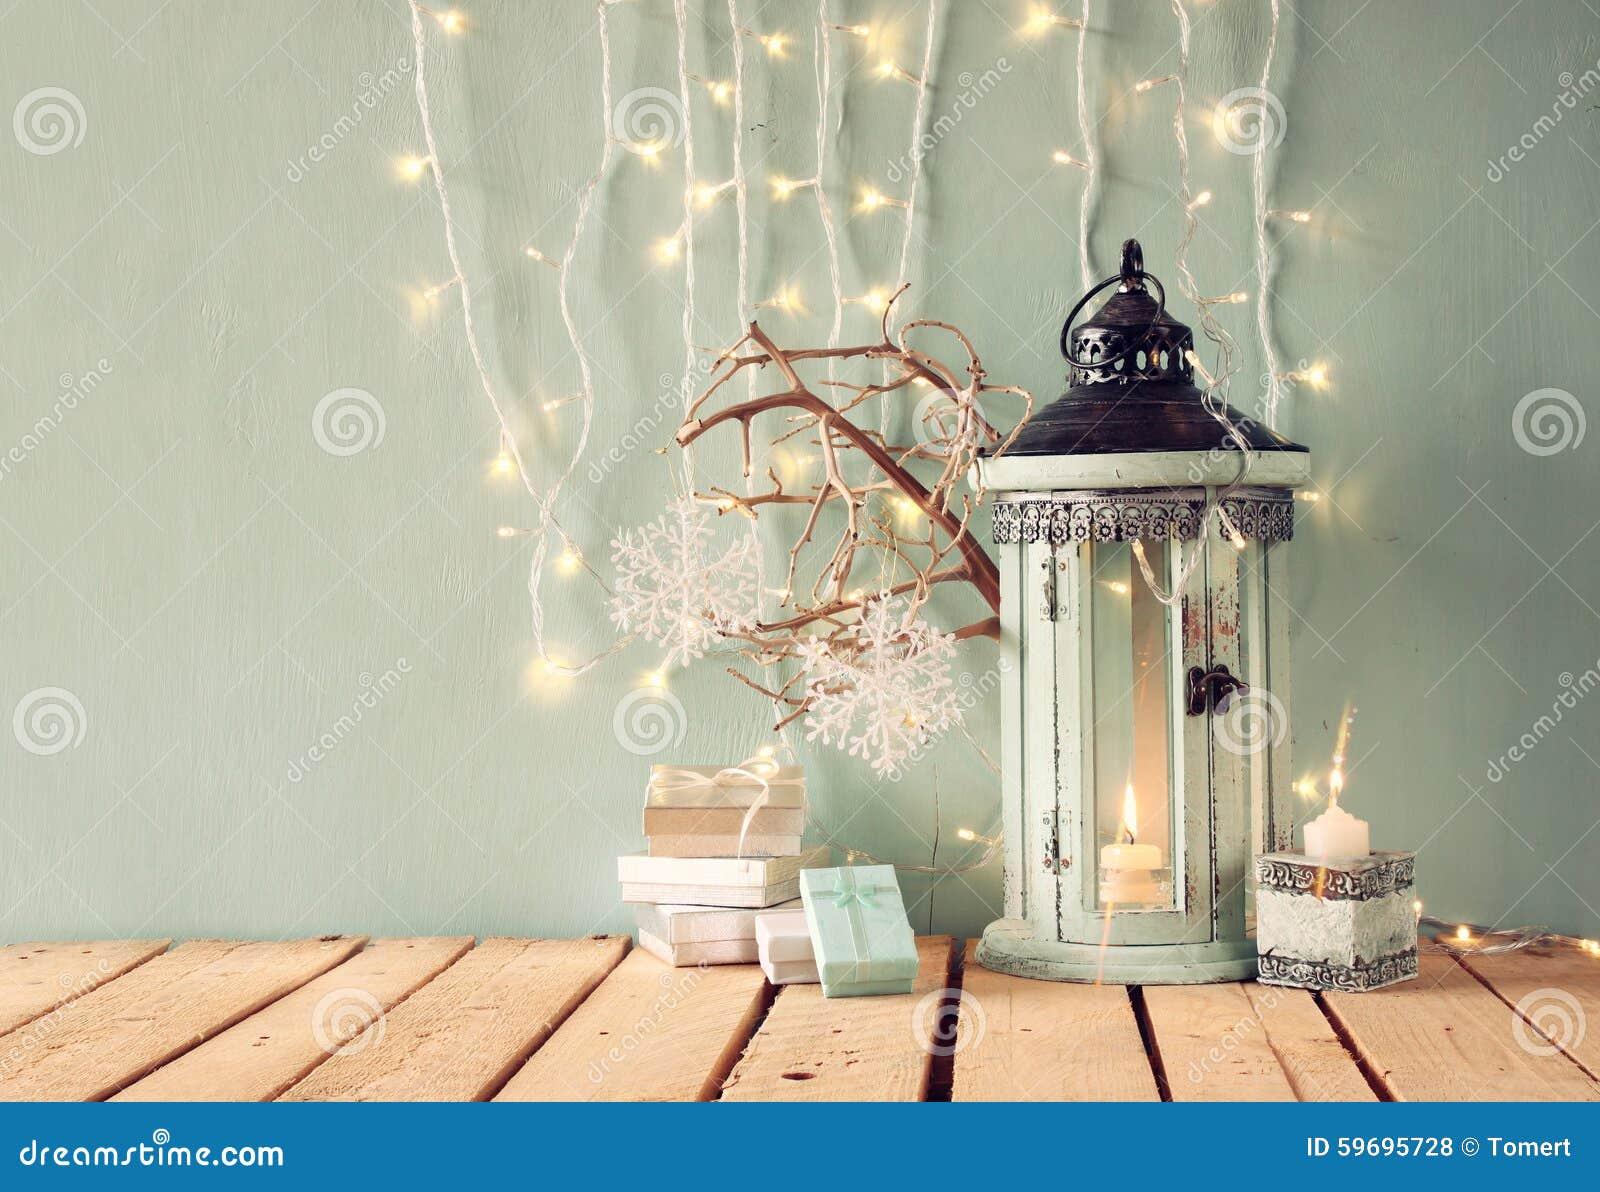 Lanterna d 39 annata di legno bianca con la candela bruciante - Immagine di regali di natale ...